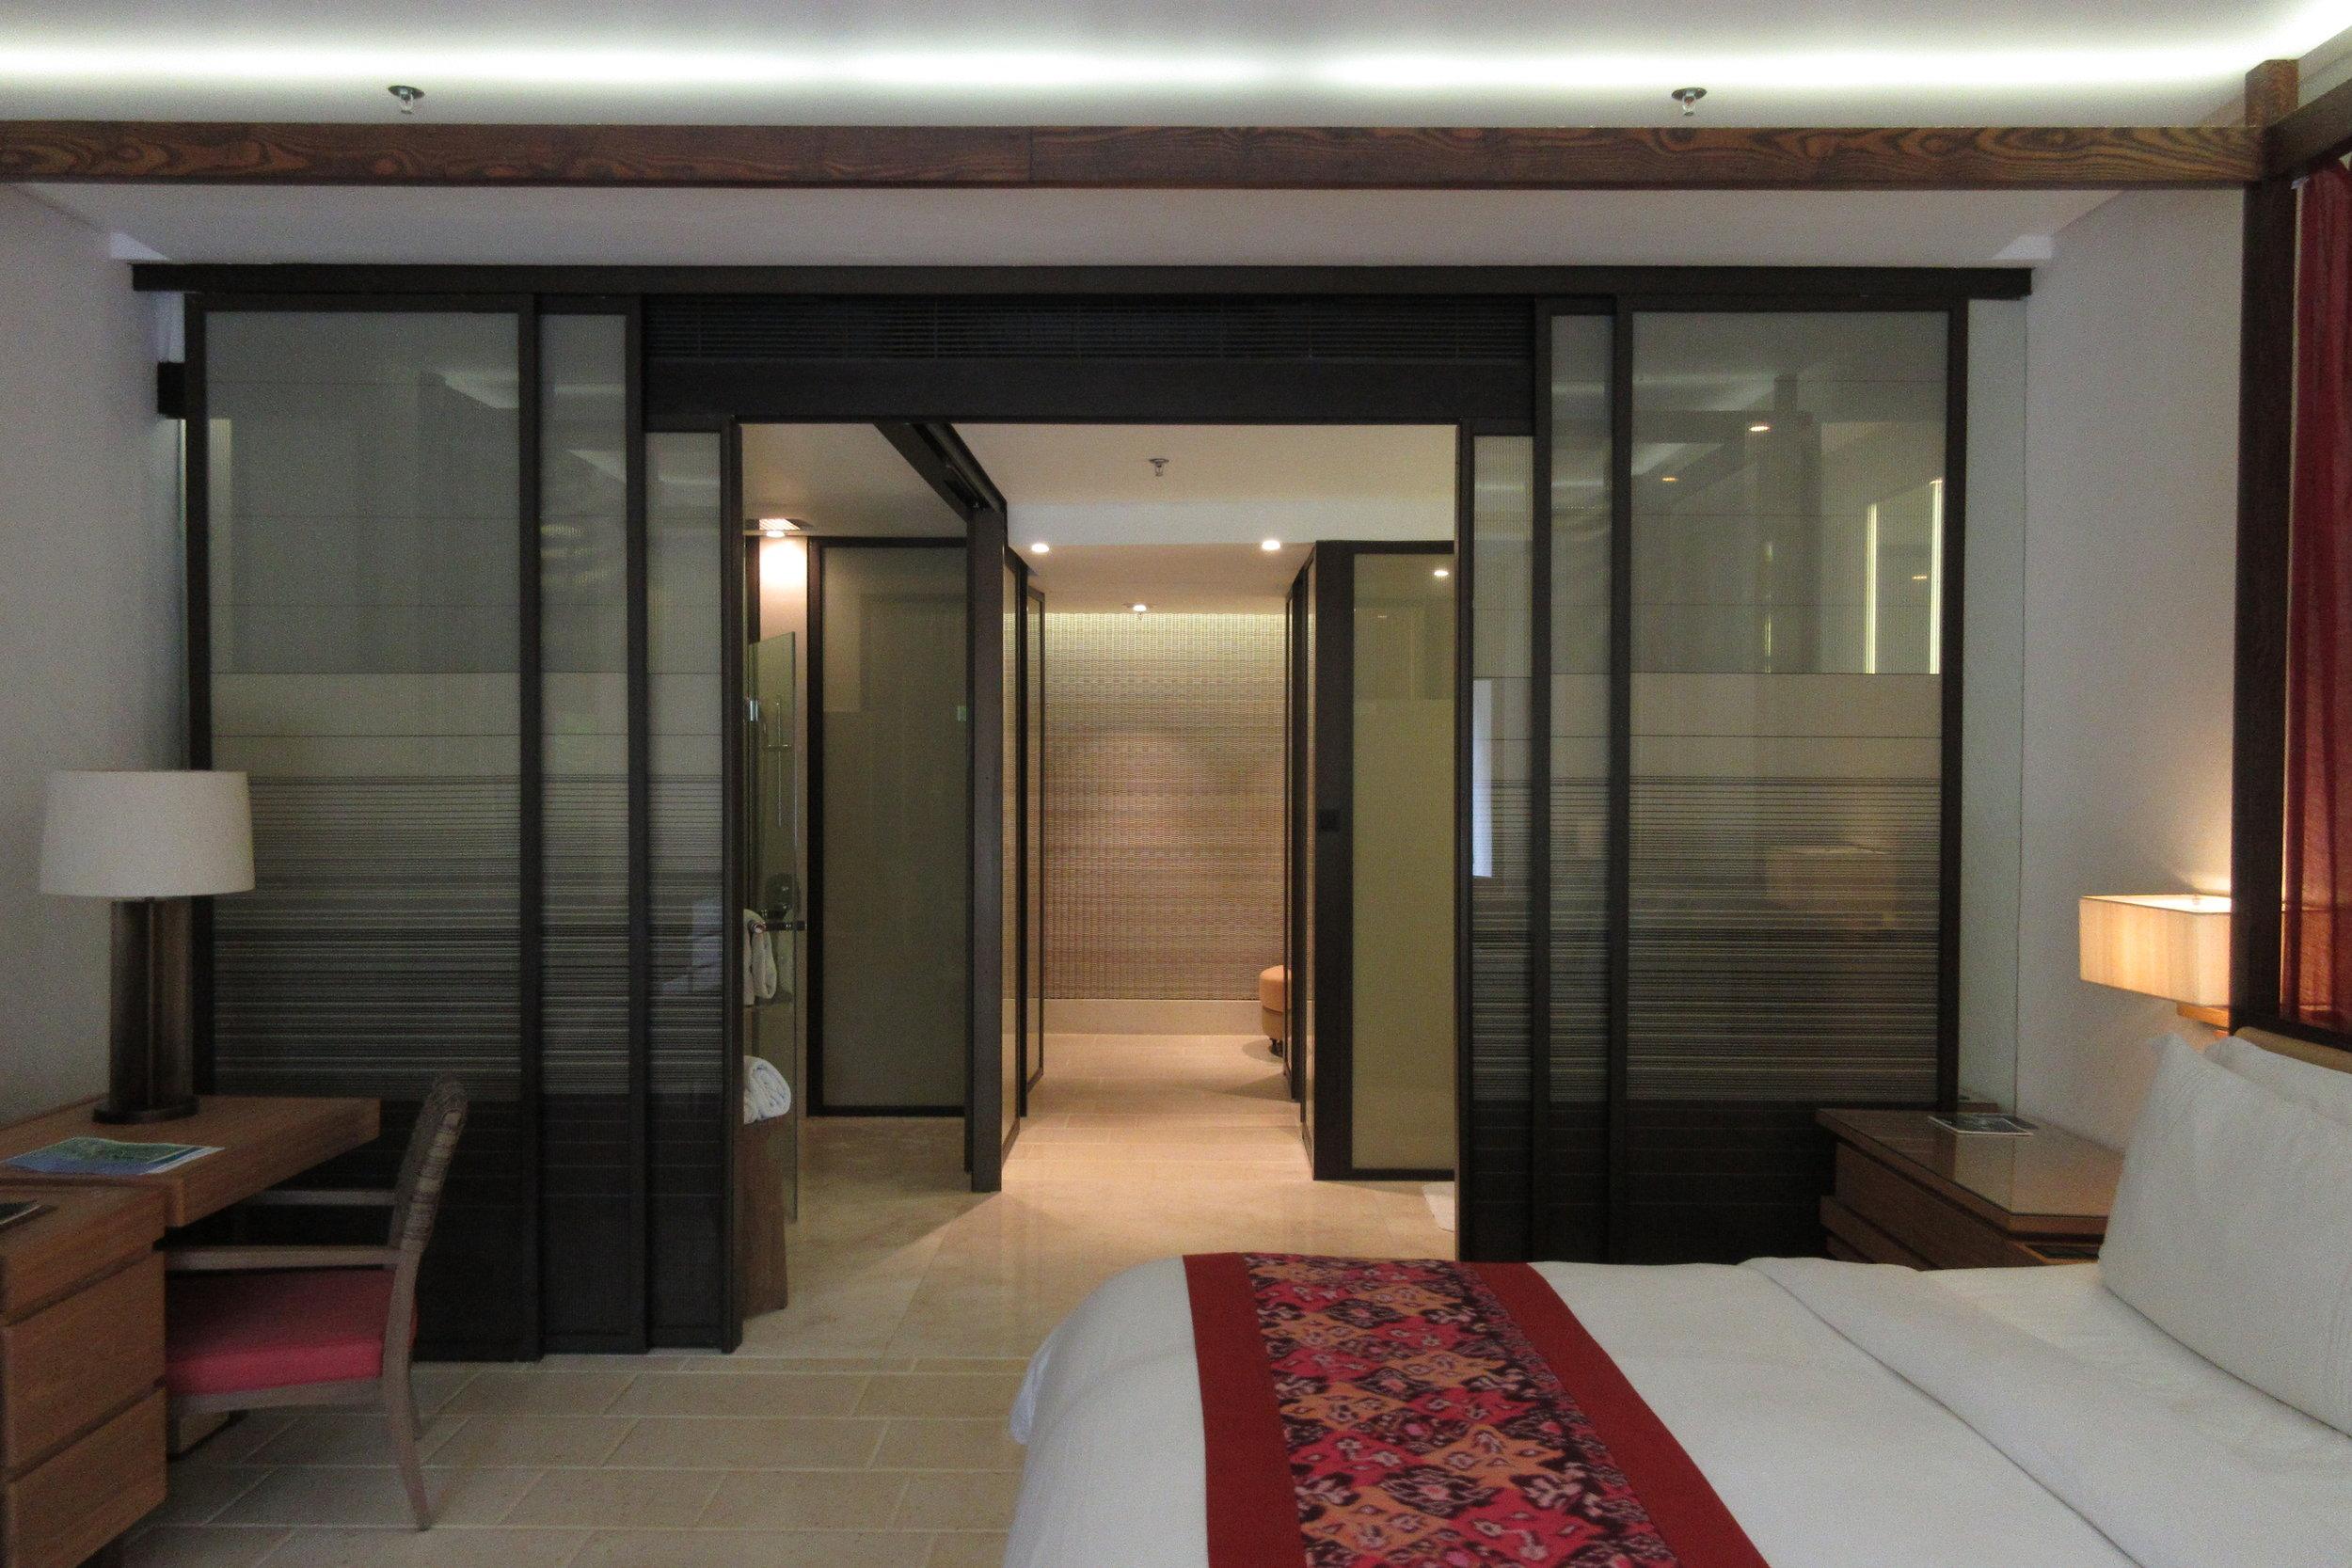 The Ritz-Carlton, Bali – Open concept